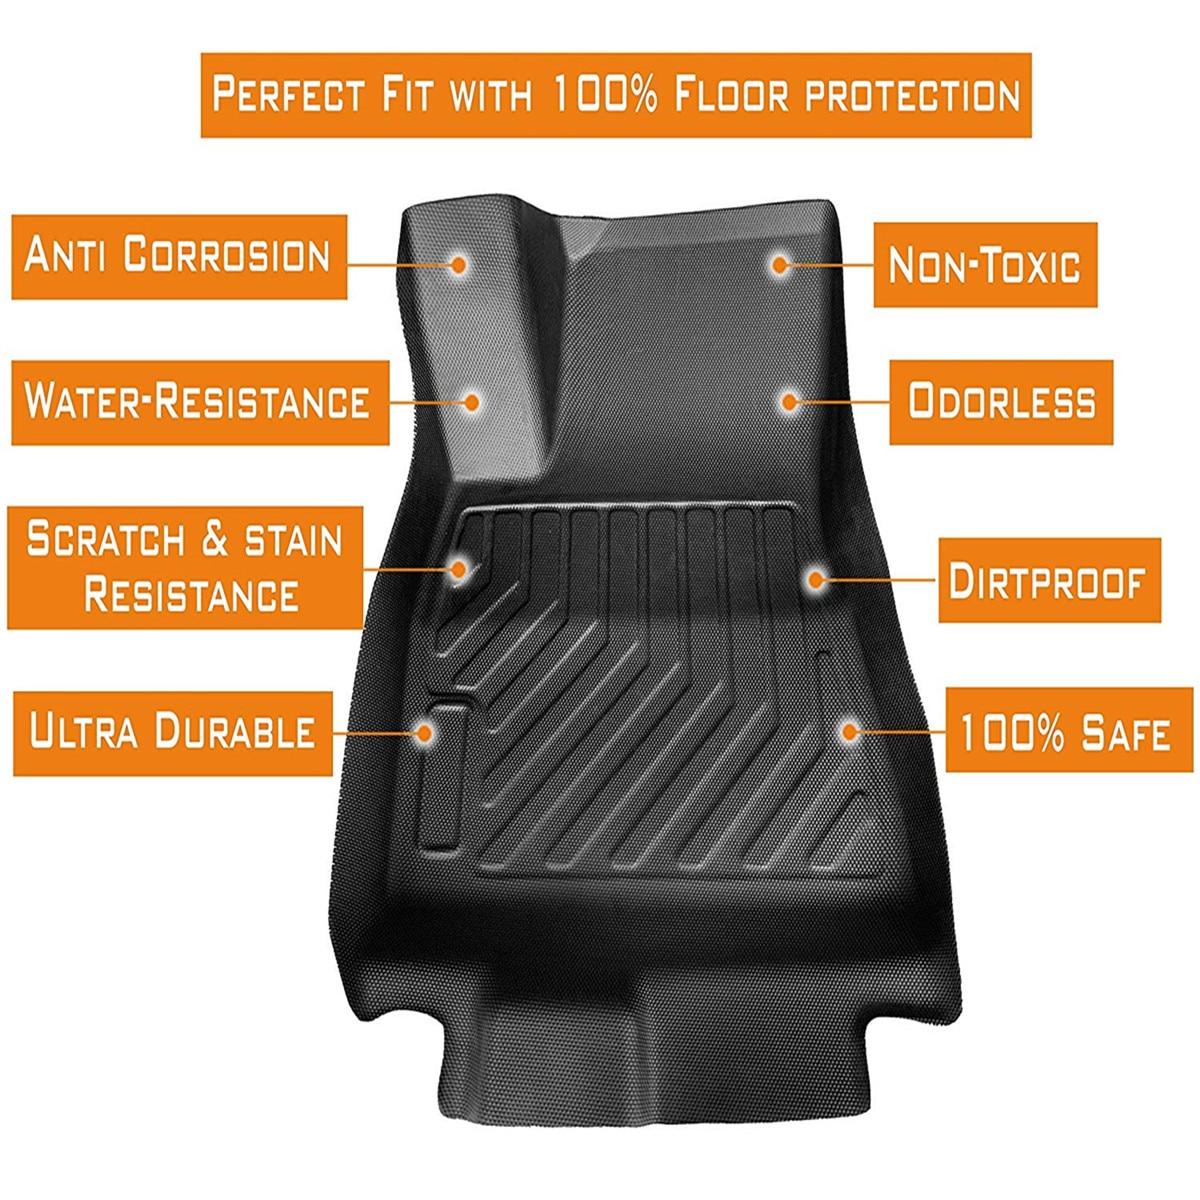 Audew 3 шт. TPO передний и задний черный Автомобильный напольный коврик на заказ подходит для любой погоды напольный ковер покрытие для Tesla модель 3 водонепроницаемый прочный - 2